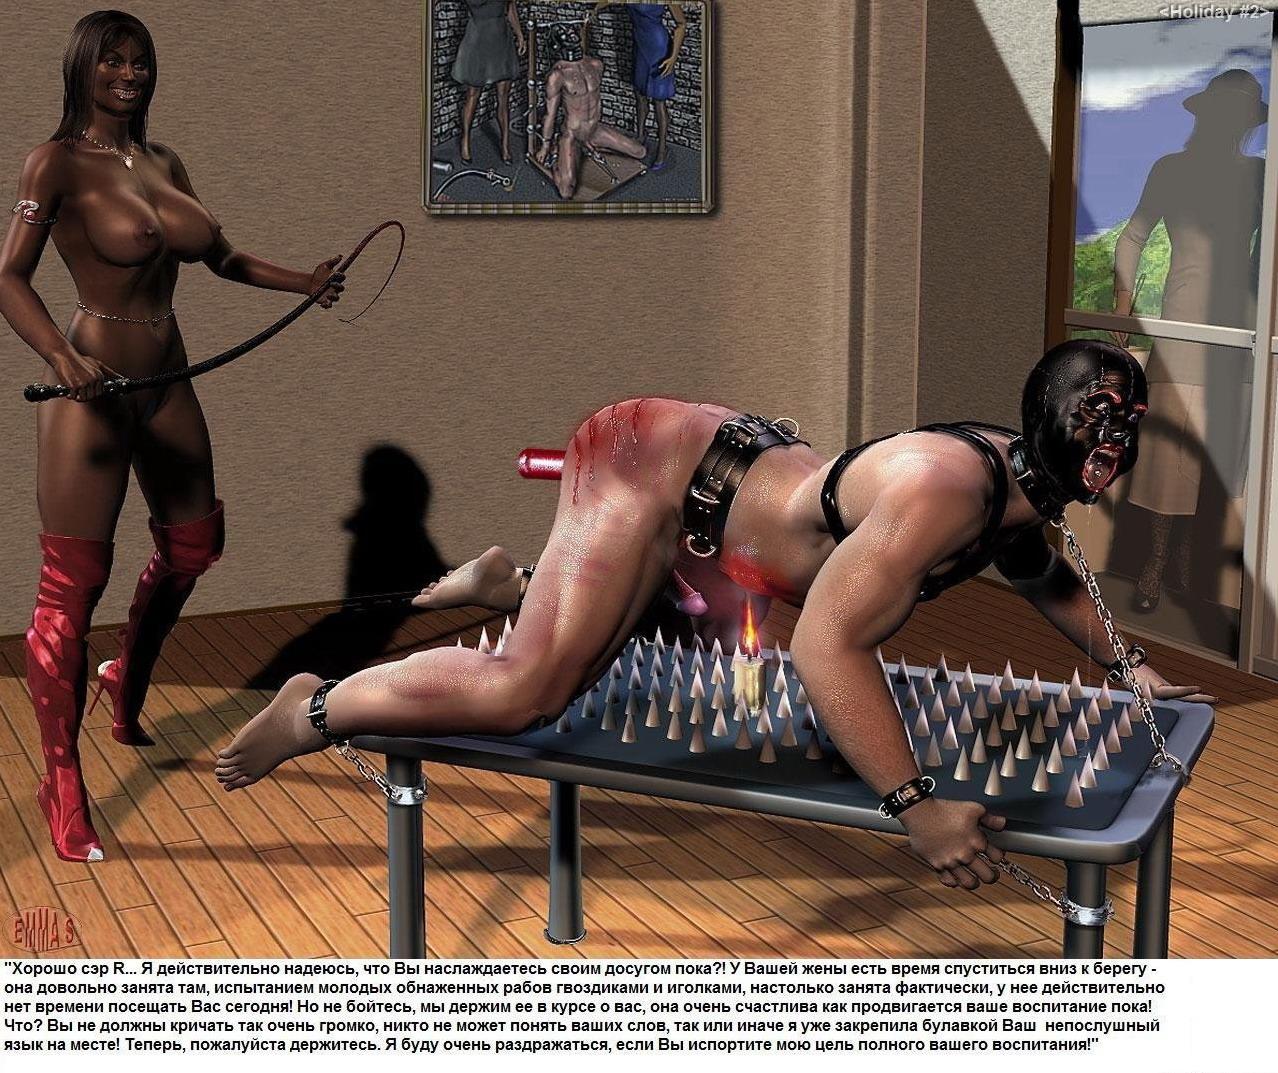 рисунок фемдом пытки